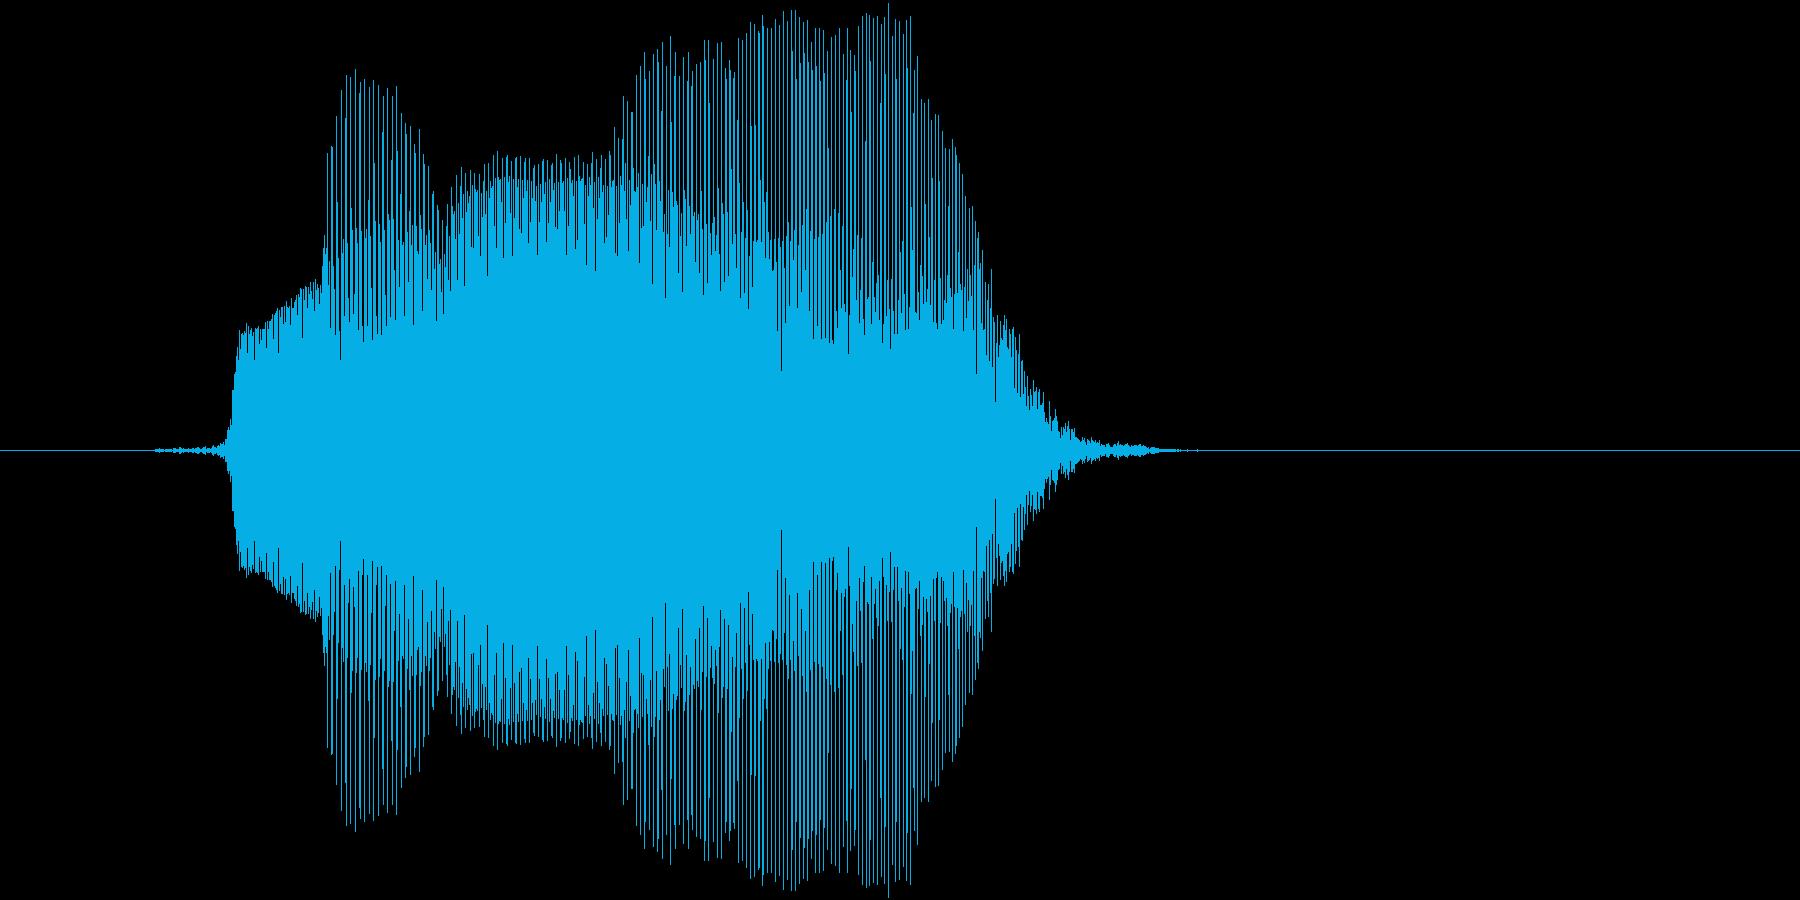 「ムニャ」の再生済みの波形